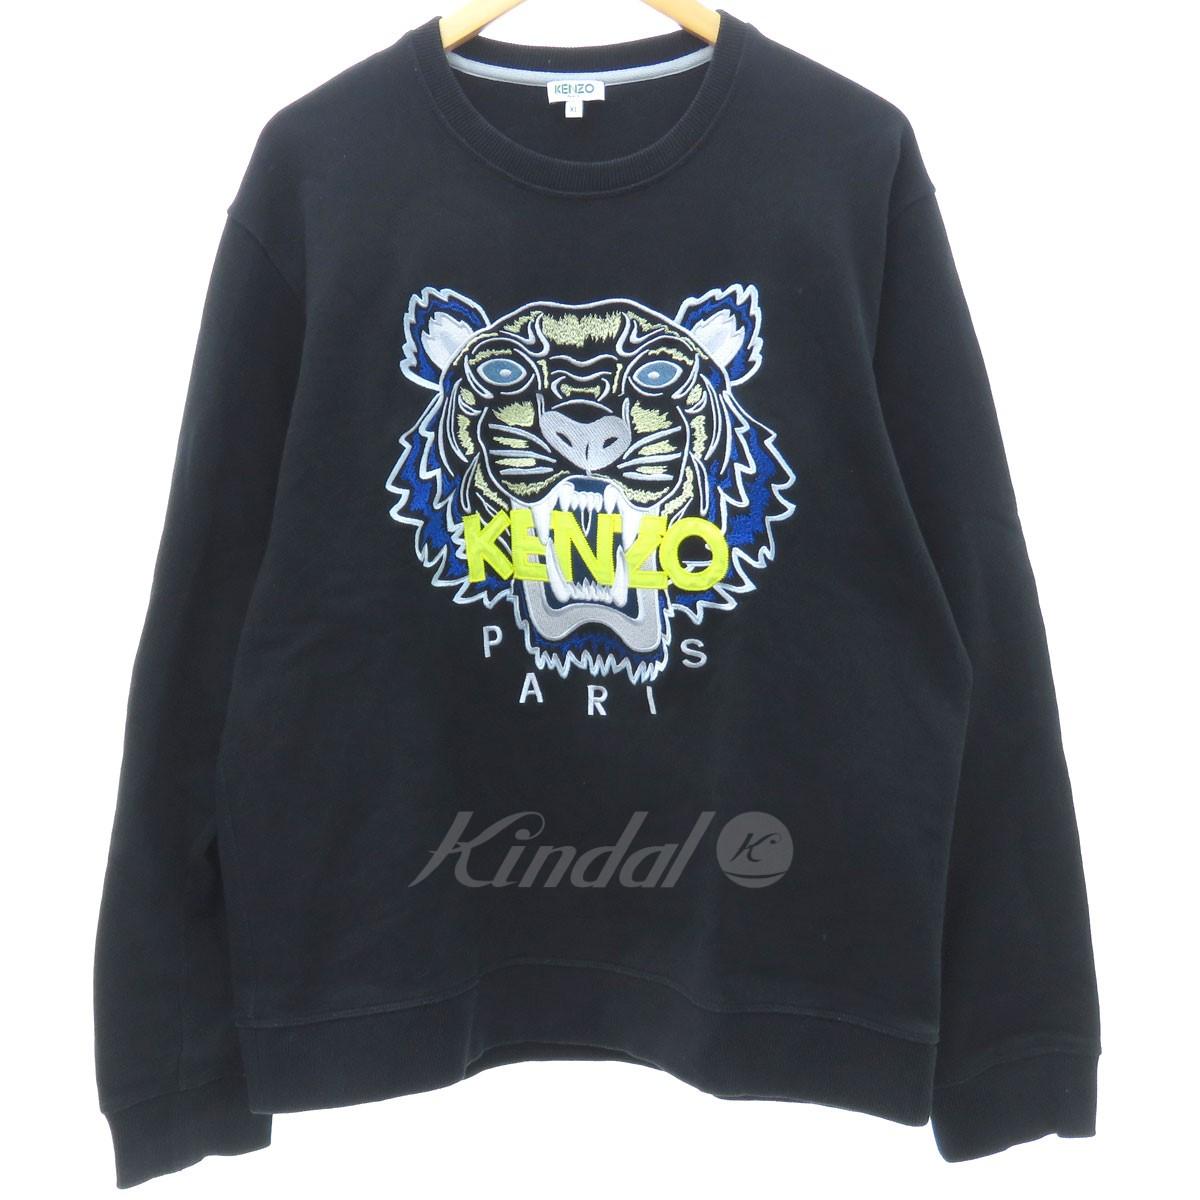 【中古】KENZO 18AW/TIGER FACE CREW SWEAT タイガー刺繍スウェット ブラック サイズ:XL 【送料無料】 【080419】(ケンゾー)